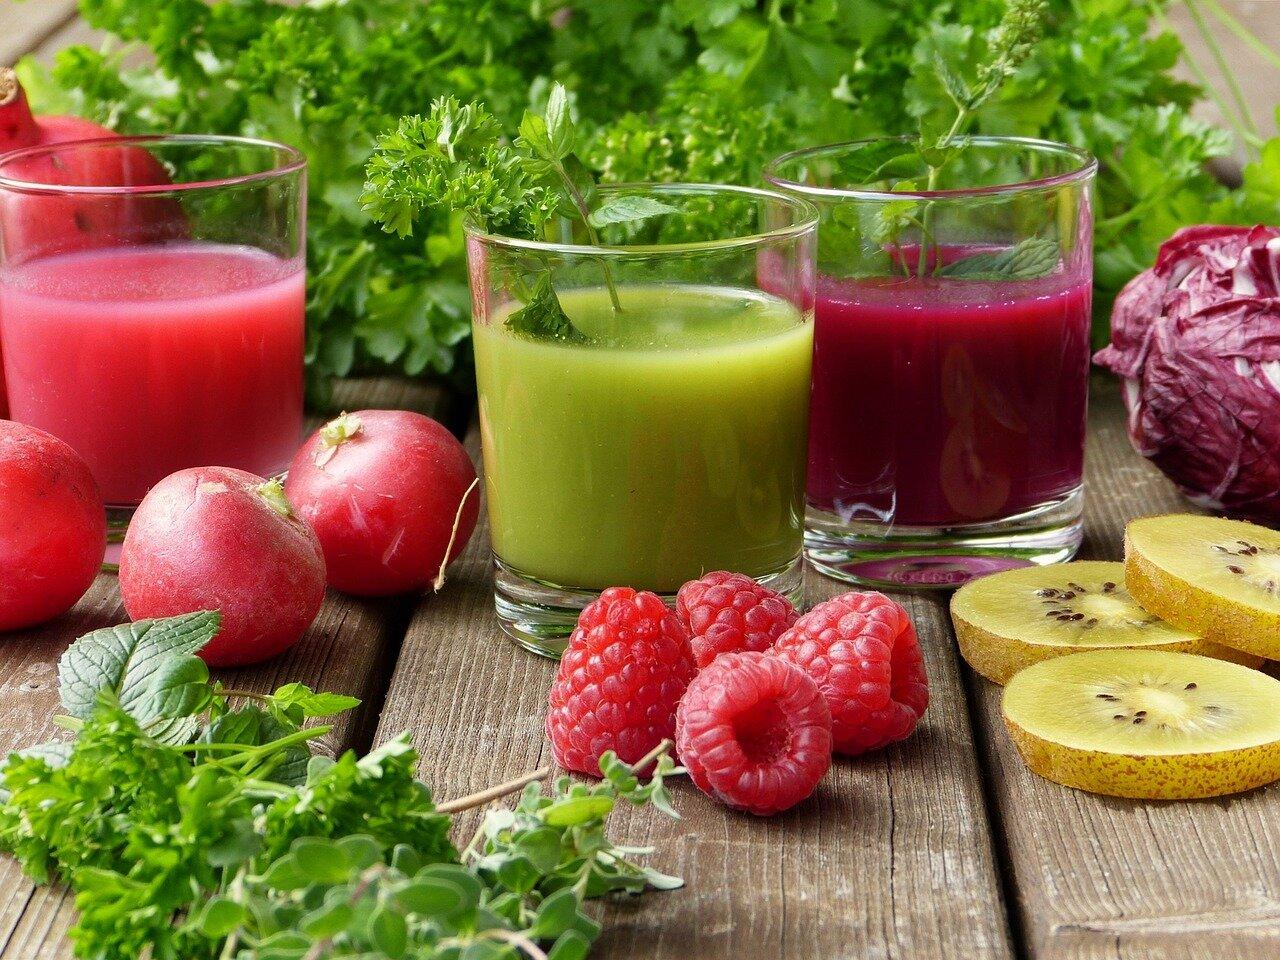 Jaki suplement diety najlepiej wybrać? Młody jęczmień – gdzie kupić?